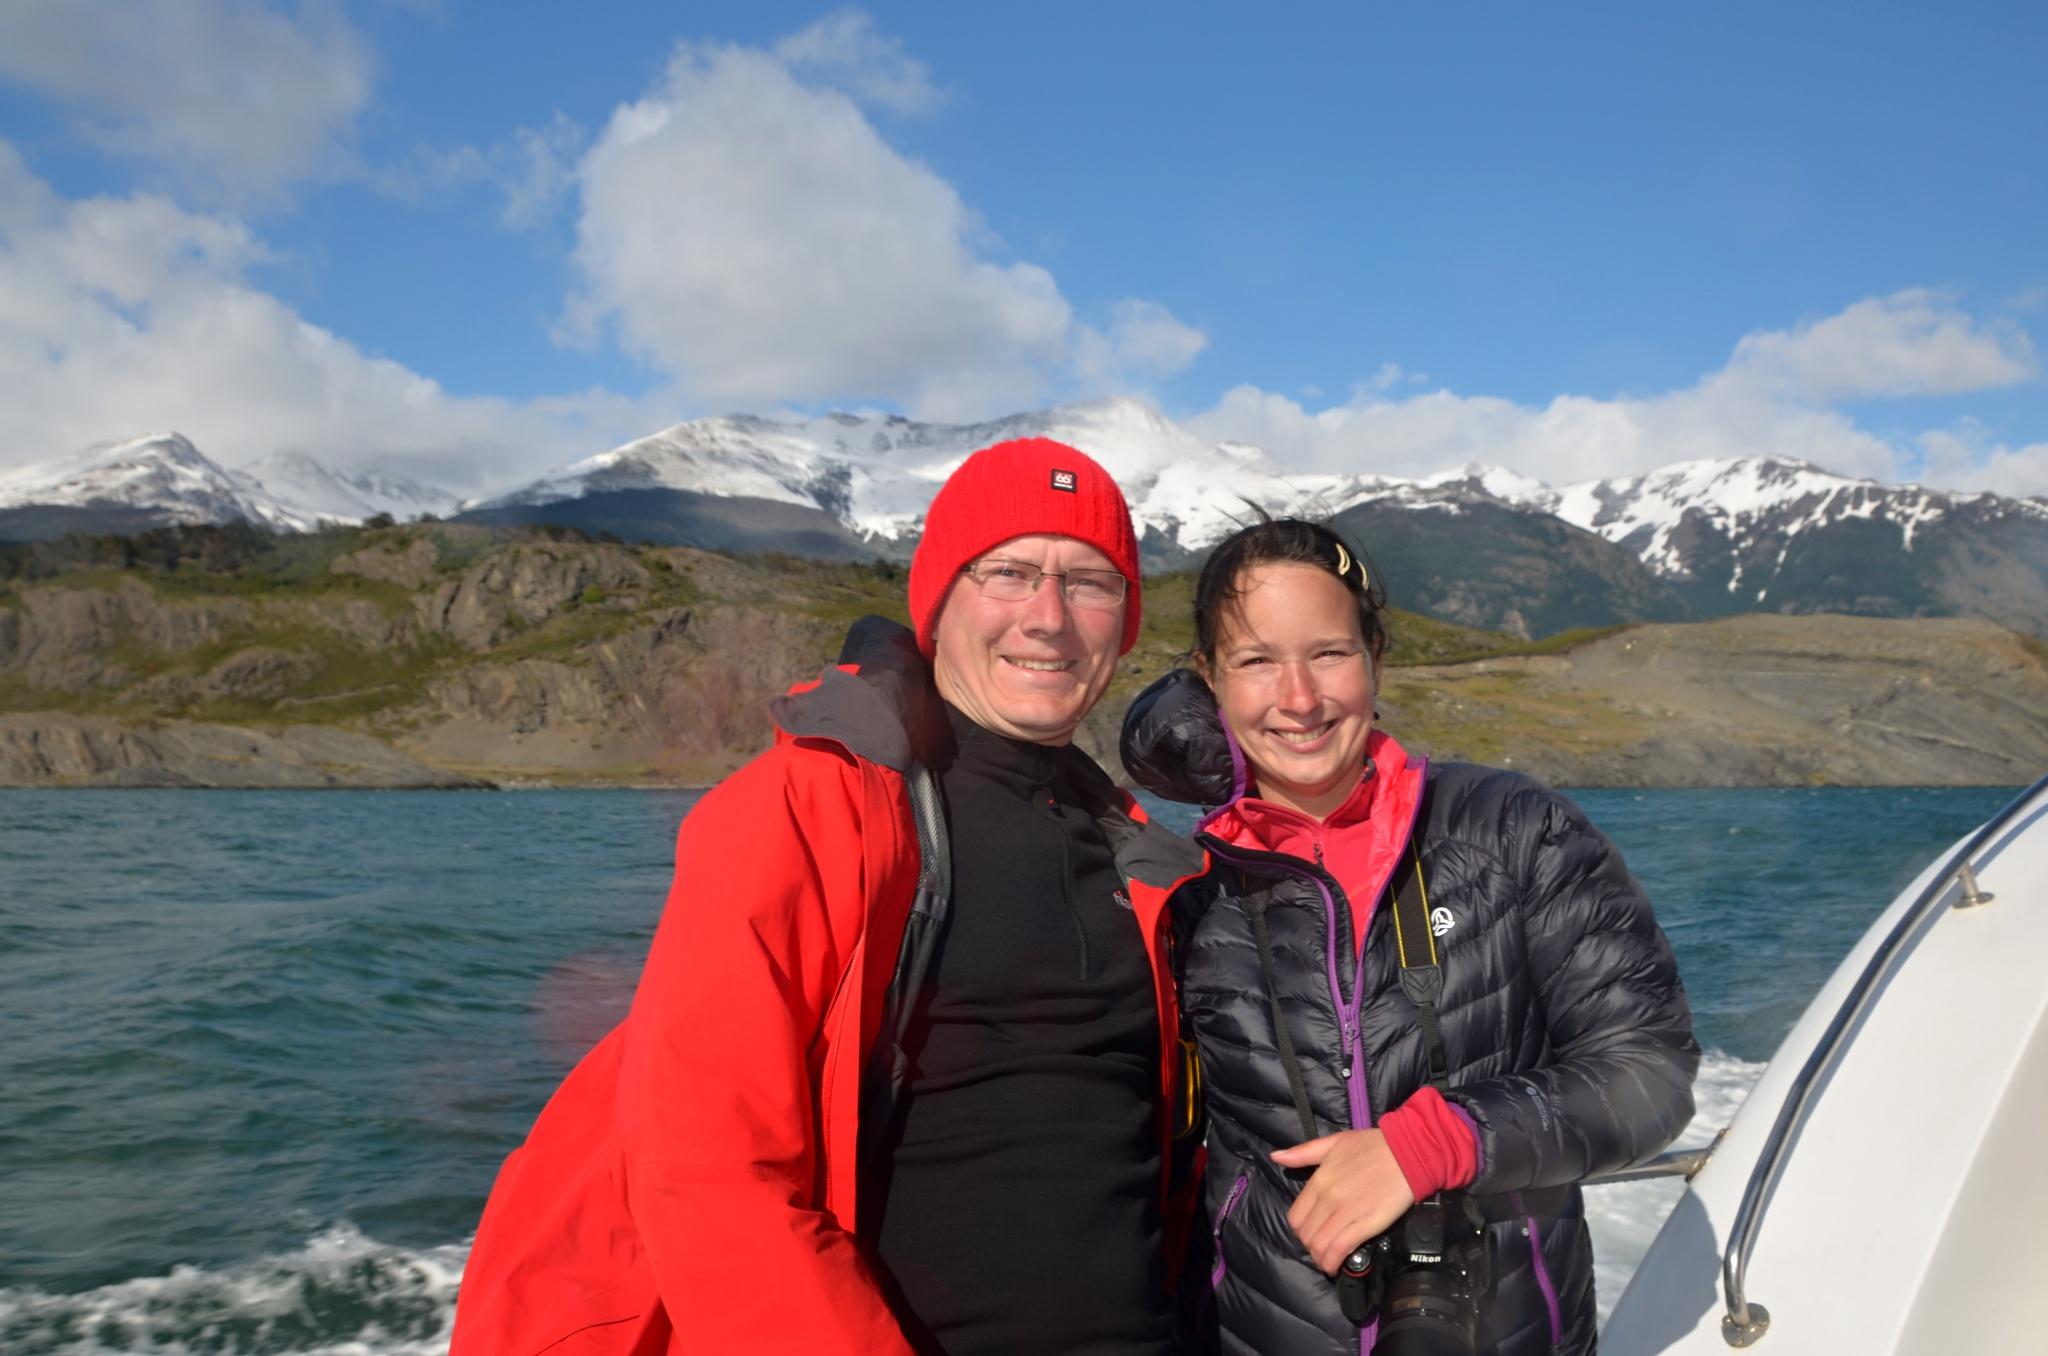 Plavbu za ledovci si užíváme